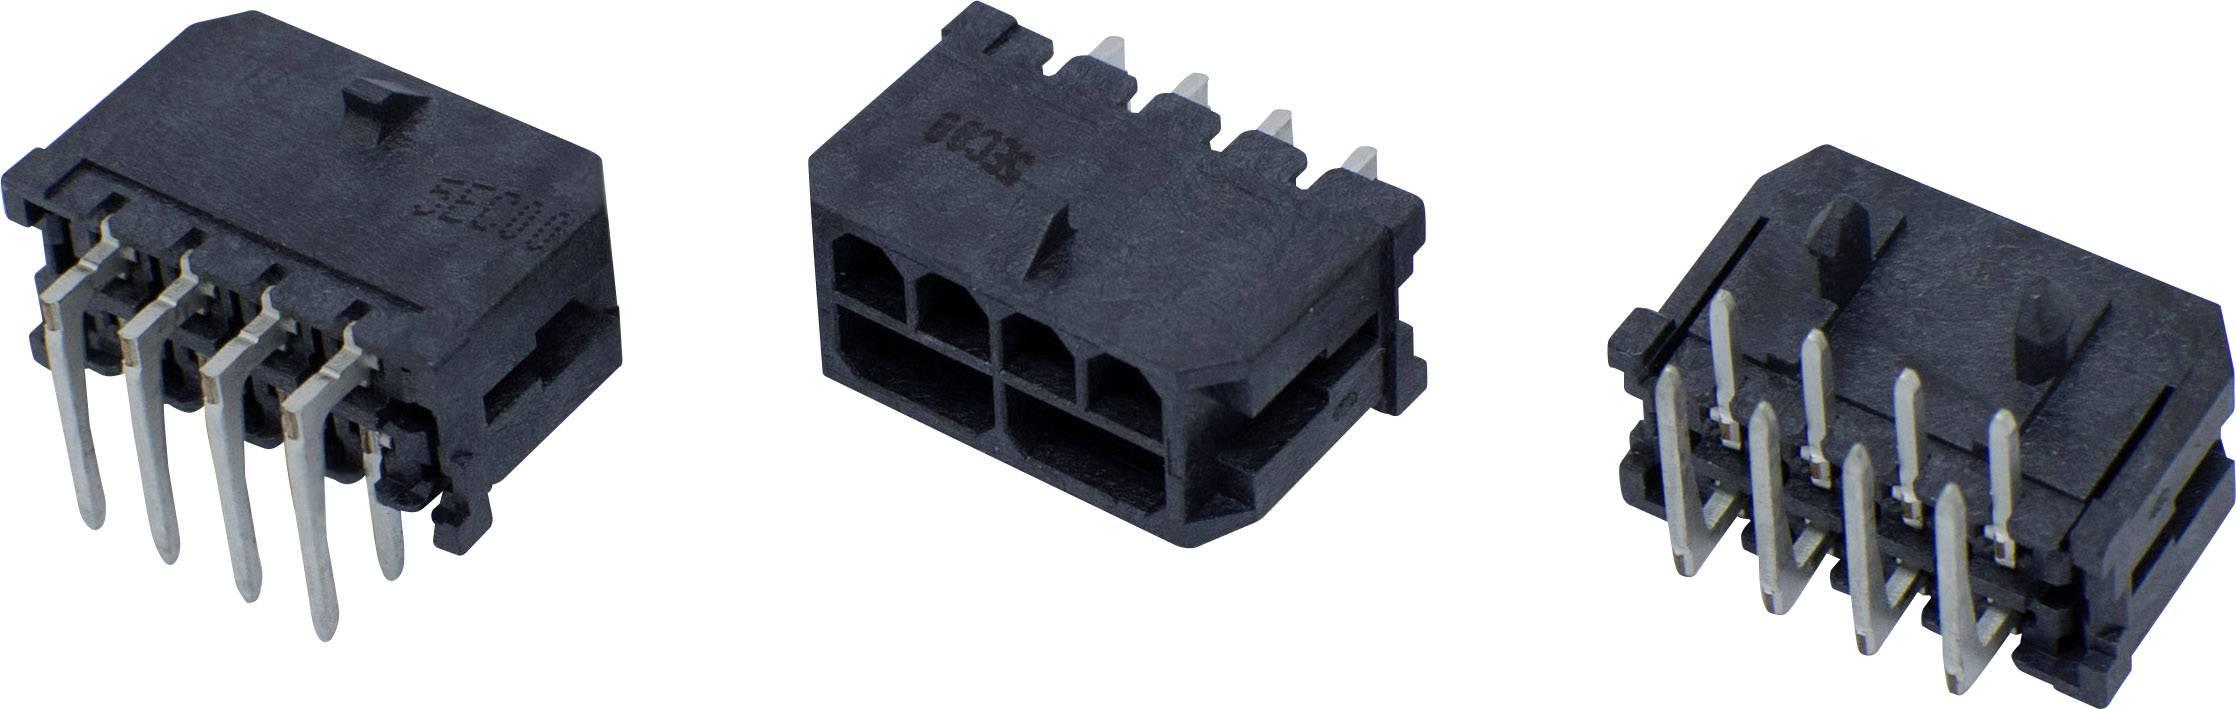 Pinová lišta (štandardná) BellWether 70095-0208, pólů 2, rozteč 3 mm, 1 ks